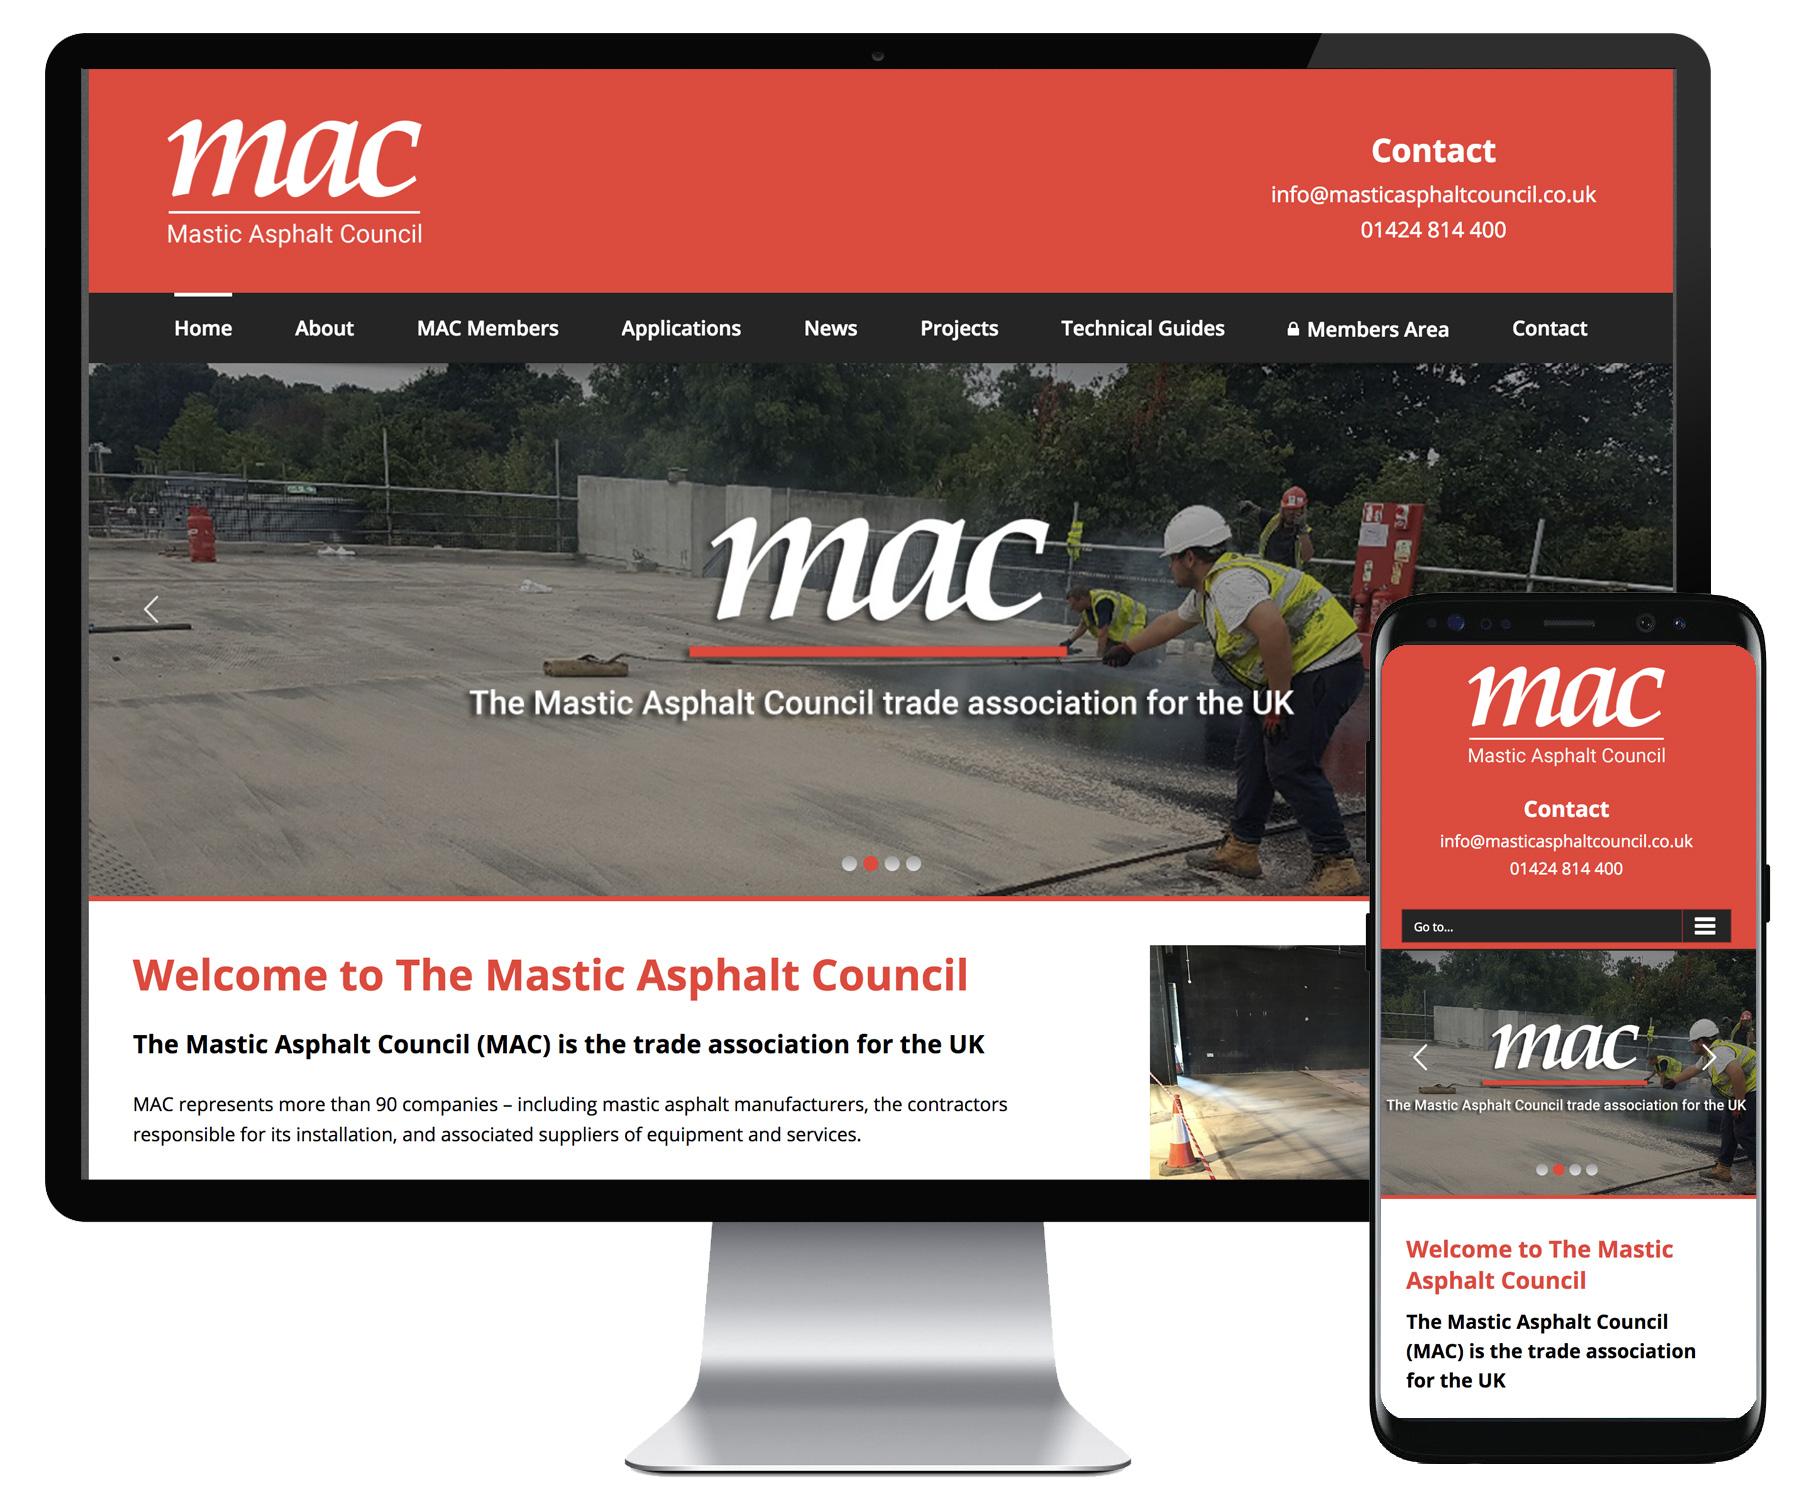 Mastic Asphalt Council website